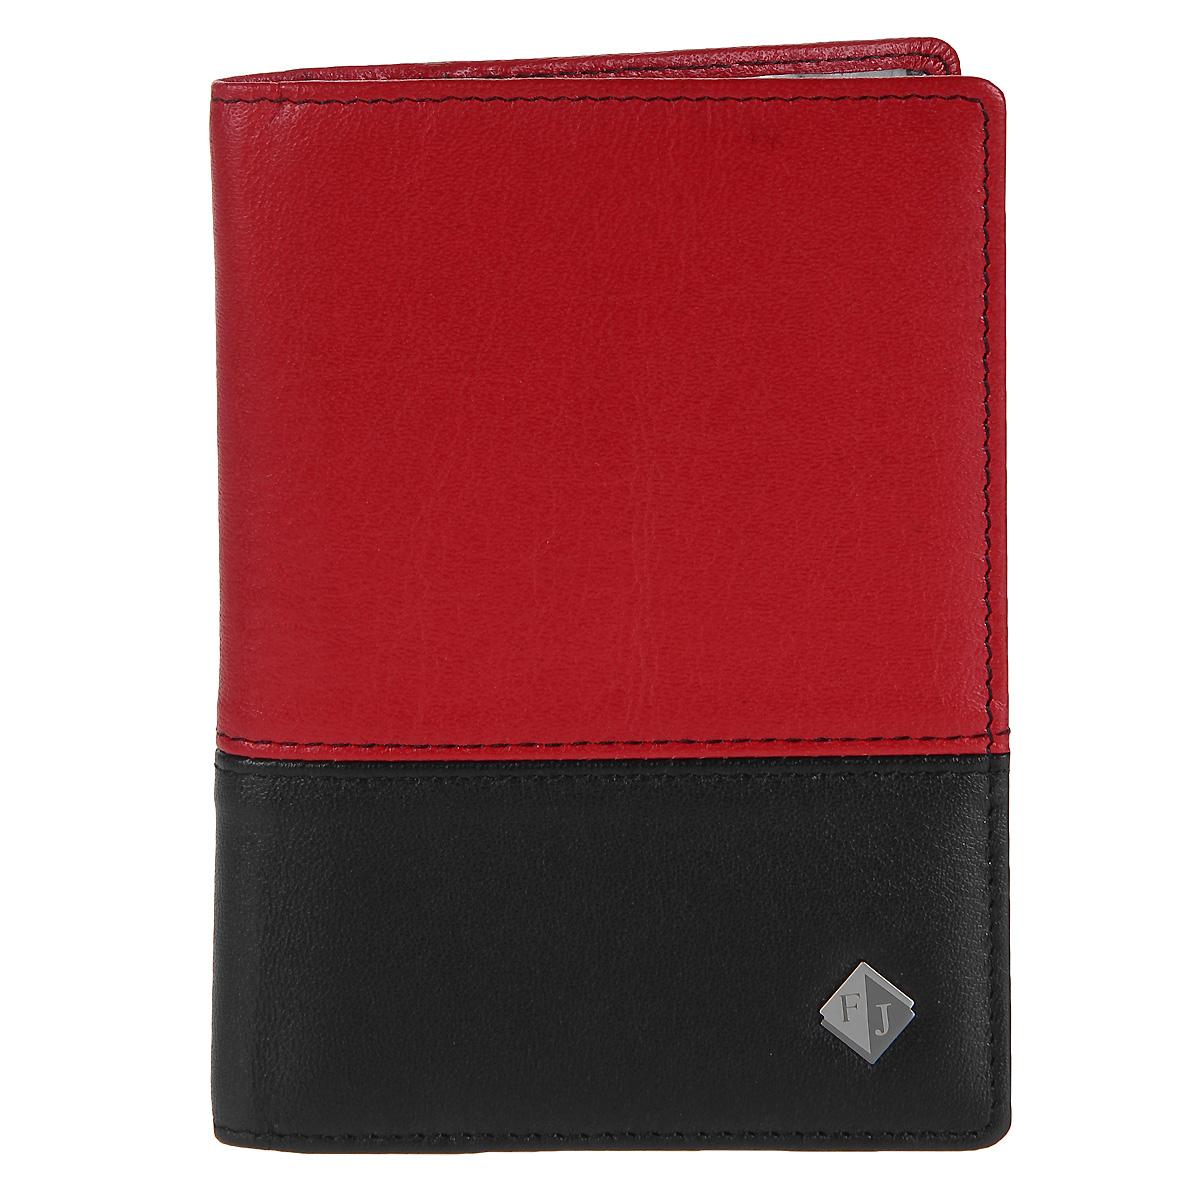 Обложка на паспорт Flioraj, цвет: черный, красный. 2113-14547/145462113-14547/14546 ОбложкаОбложка для паспорта Flioraj выполнена из высококачественной натуральной кожи черного и красного цветов. Обложка не только поможет сохранить внешний вид ваших документов и защитить их от повреждений, но и станет стильным аксессуаром, идеально подходящим вашему образу. Такая обложка станет отличным подарком для человека, ценящего качественные и необычные вещи.